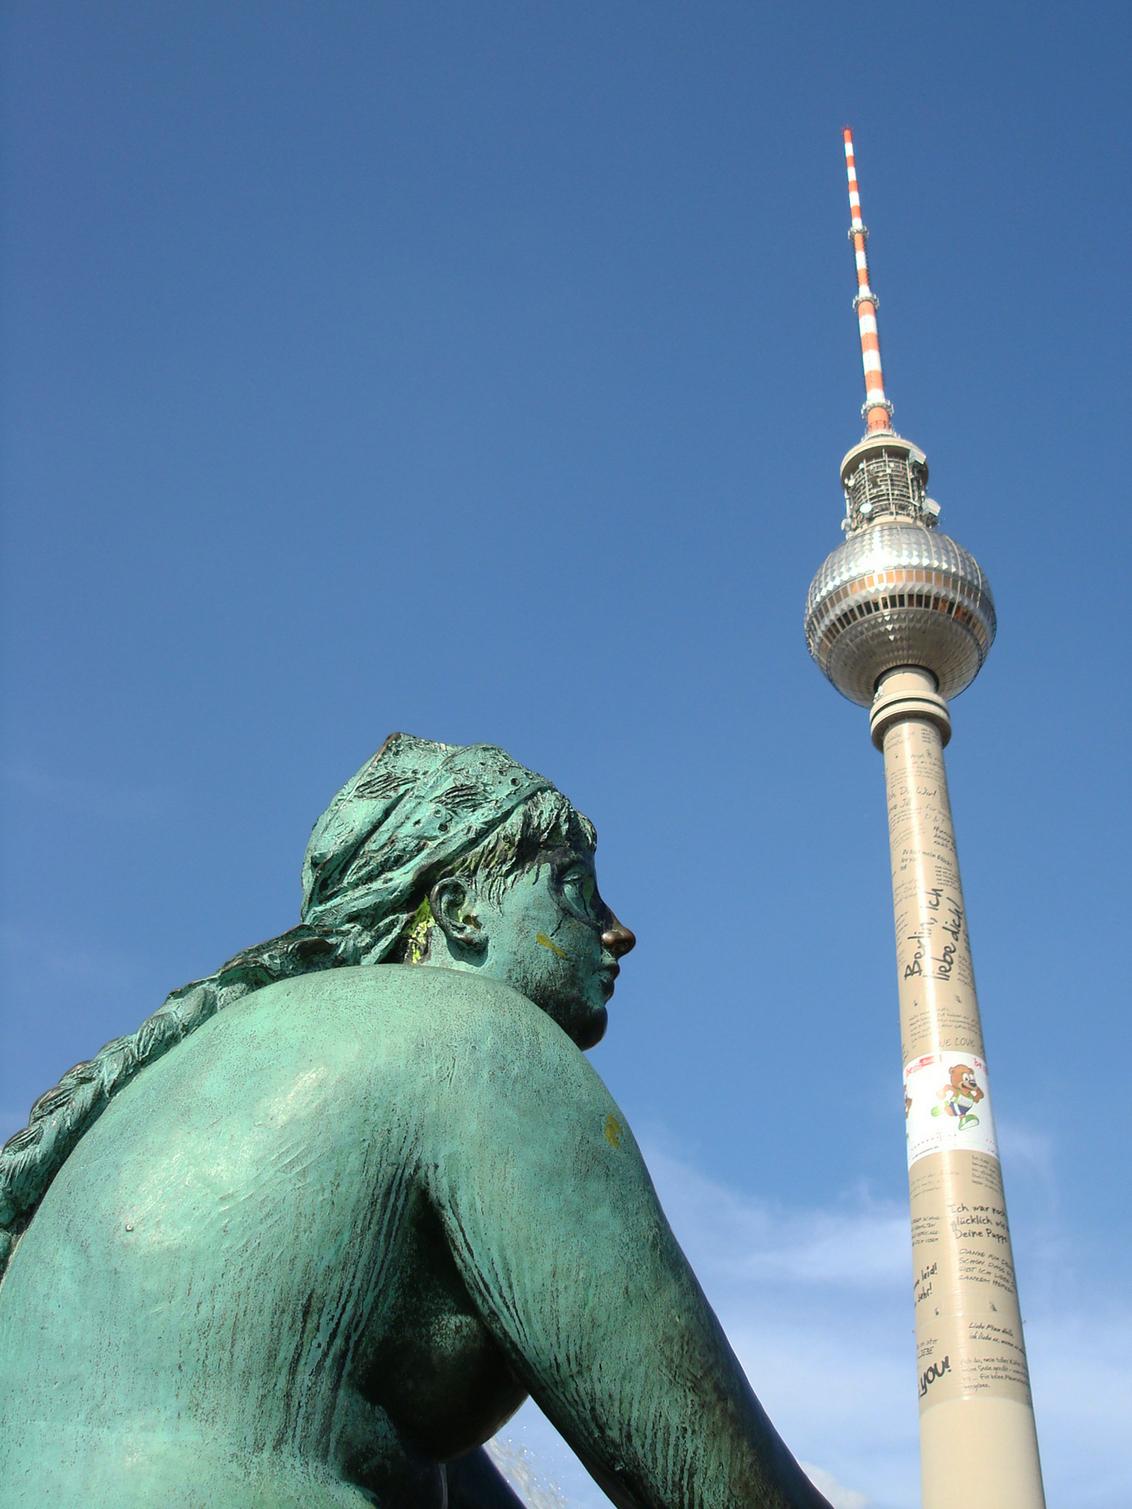 Fernsehturm - Het hoogste bouwwerk van Berlijn is de Fernsehturm met zijn 365 meter. Ook is het één van de hoogste gebouwen van Europa. De toren is in 1969 gebouwd - foto door dannyvdm op 17-08-2010 - deze foto bevat: architectuur, toren, berlijn, bouwwerk, duitsland, ddr, ferneshturm